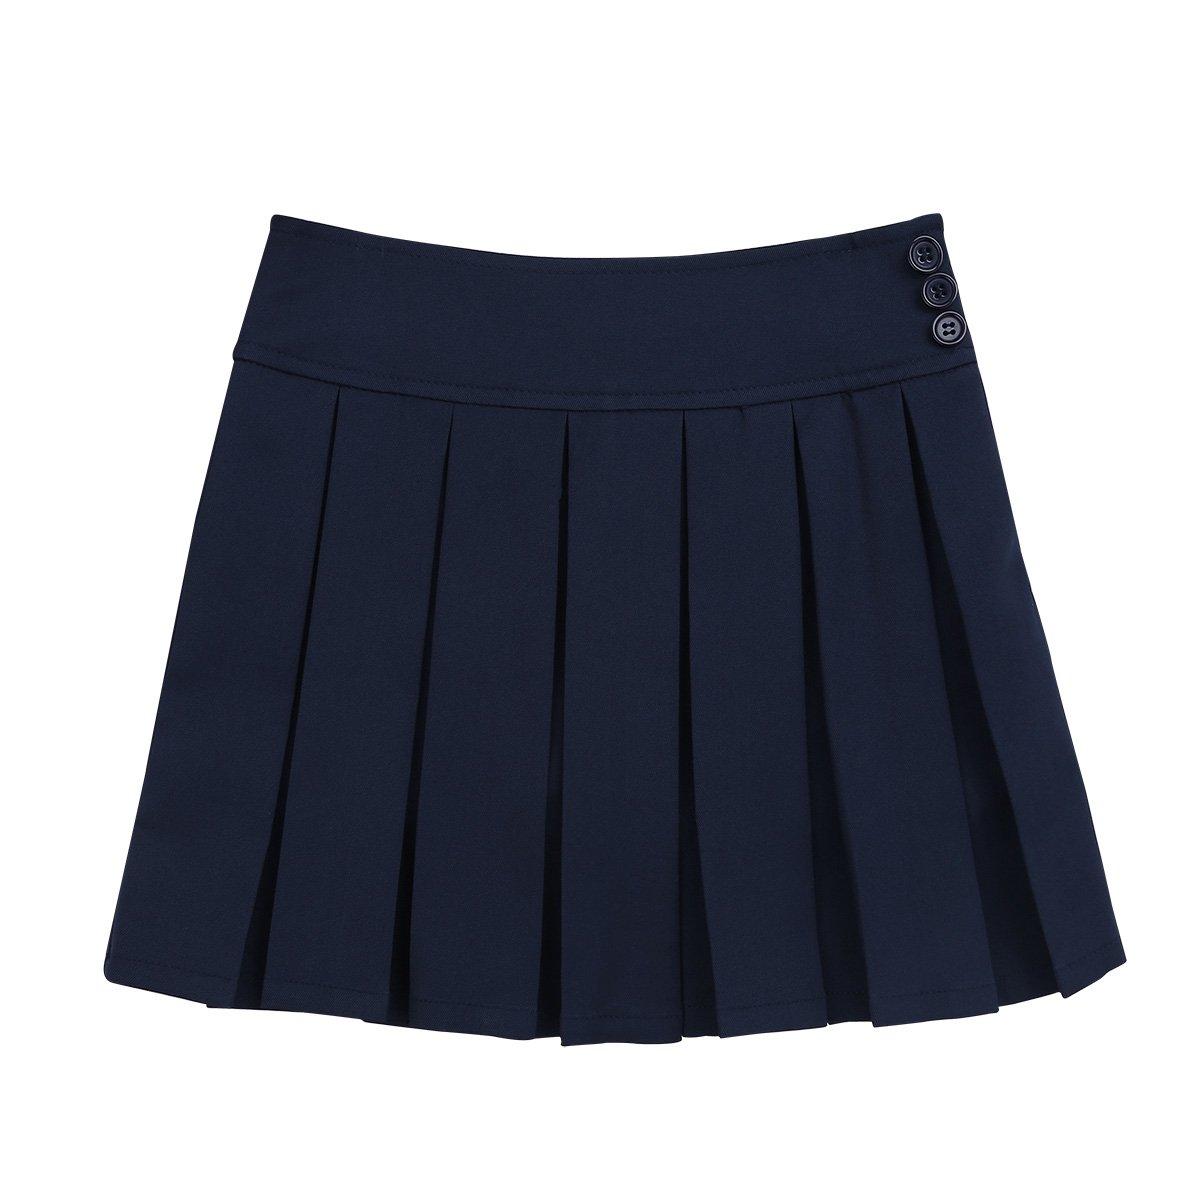 TiaoBug Kids Girls School Uniform Pleated Side Zipper Buttons Scooter Skirt with Hidden Shorts Navy Blue(Side Zipper Buttons) 14